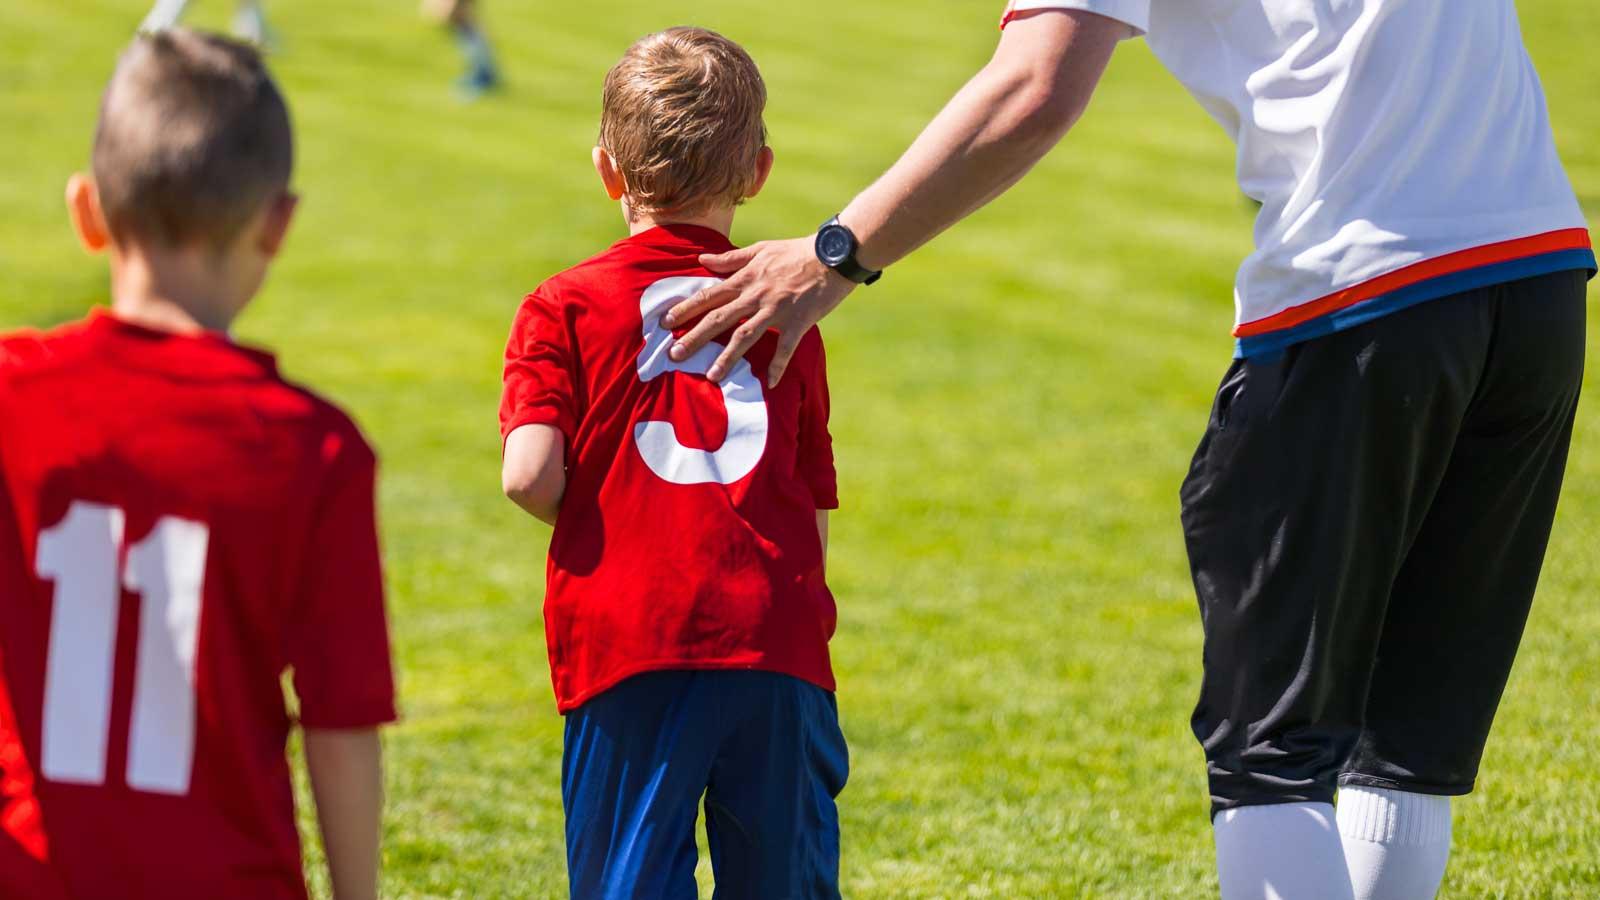 Spor Eğitim Kurumları